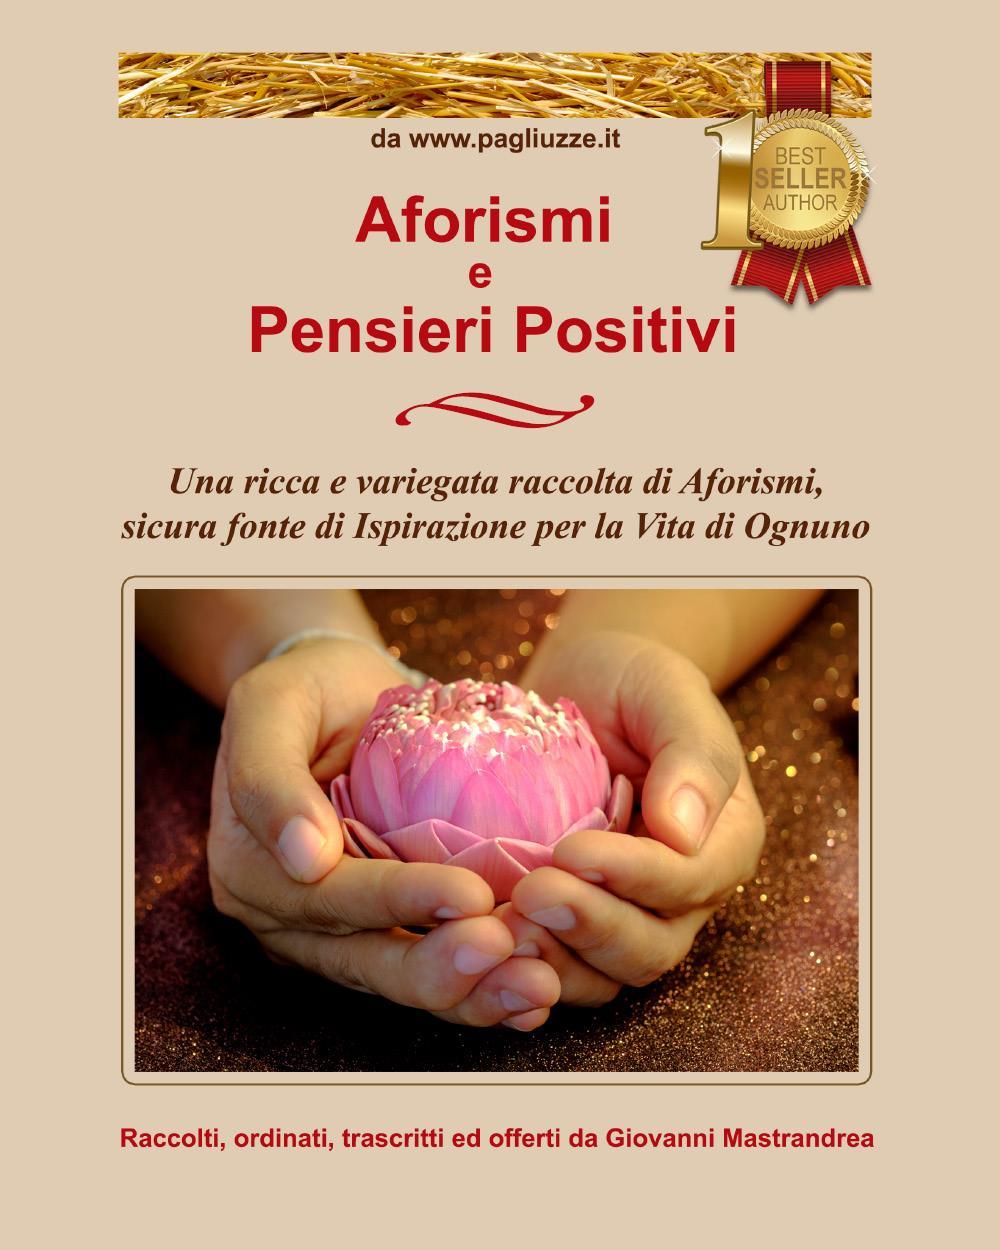 Aforismi e Pensieri Positivi: Una ricca e variegata raccolta di Aforismi, sicura fonte di Ispirazione per la Vita di Ognuno